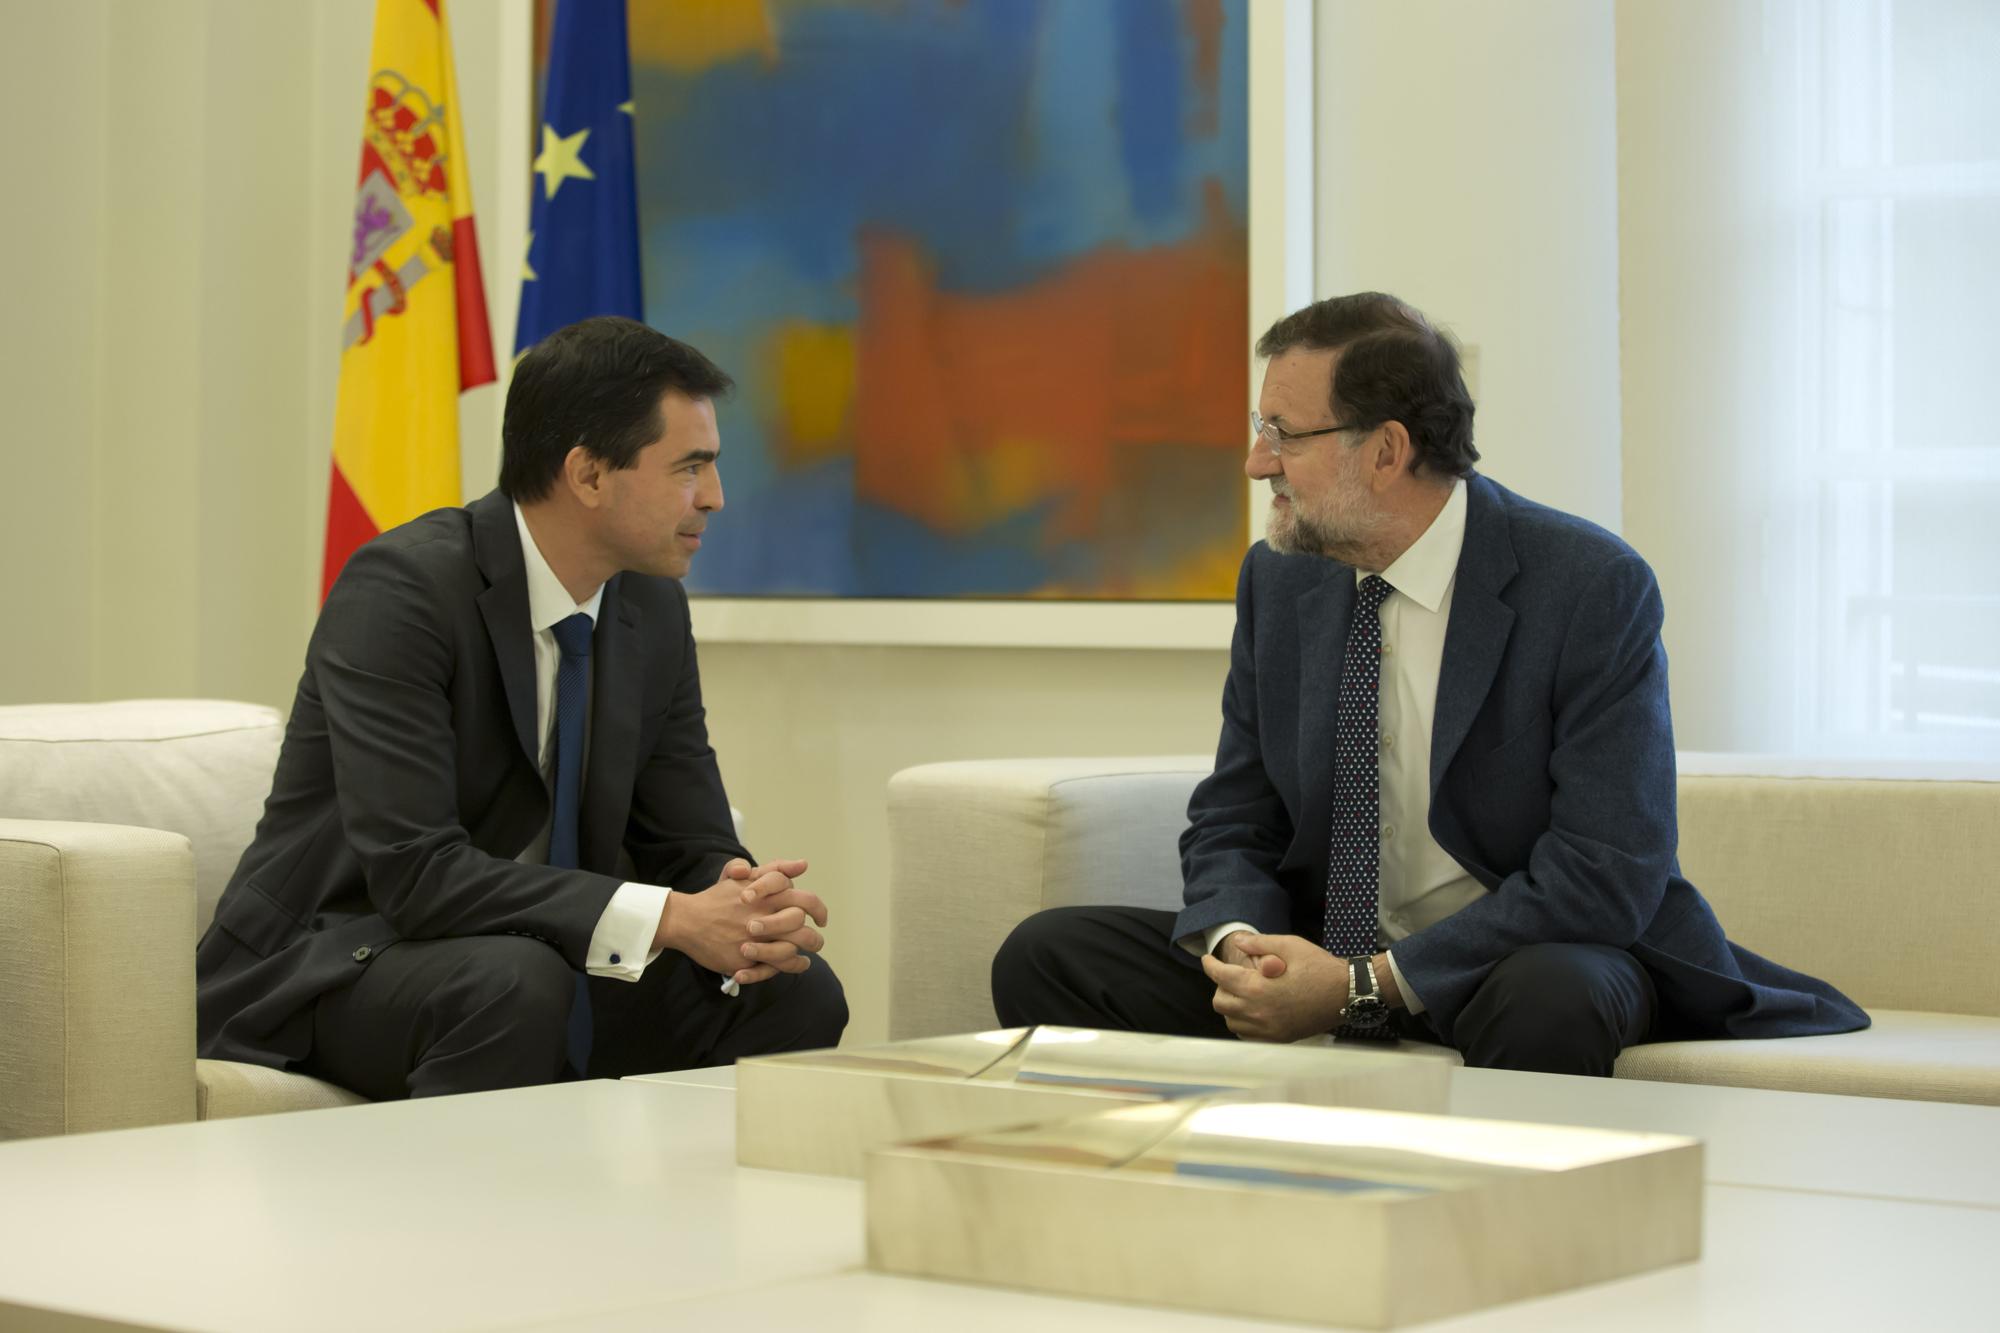 03/11/2015 Madrid, España  El Presidente del Gobierno, Mariano Rajoy,  recibe al portavoz de UPyD, Andrés Herzog. Fotografía: Diego Crespo / Moncloa Presidencia del Gobierno